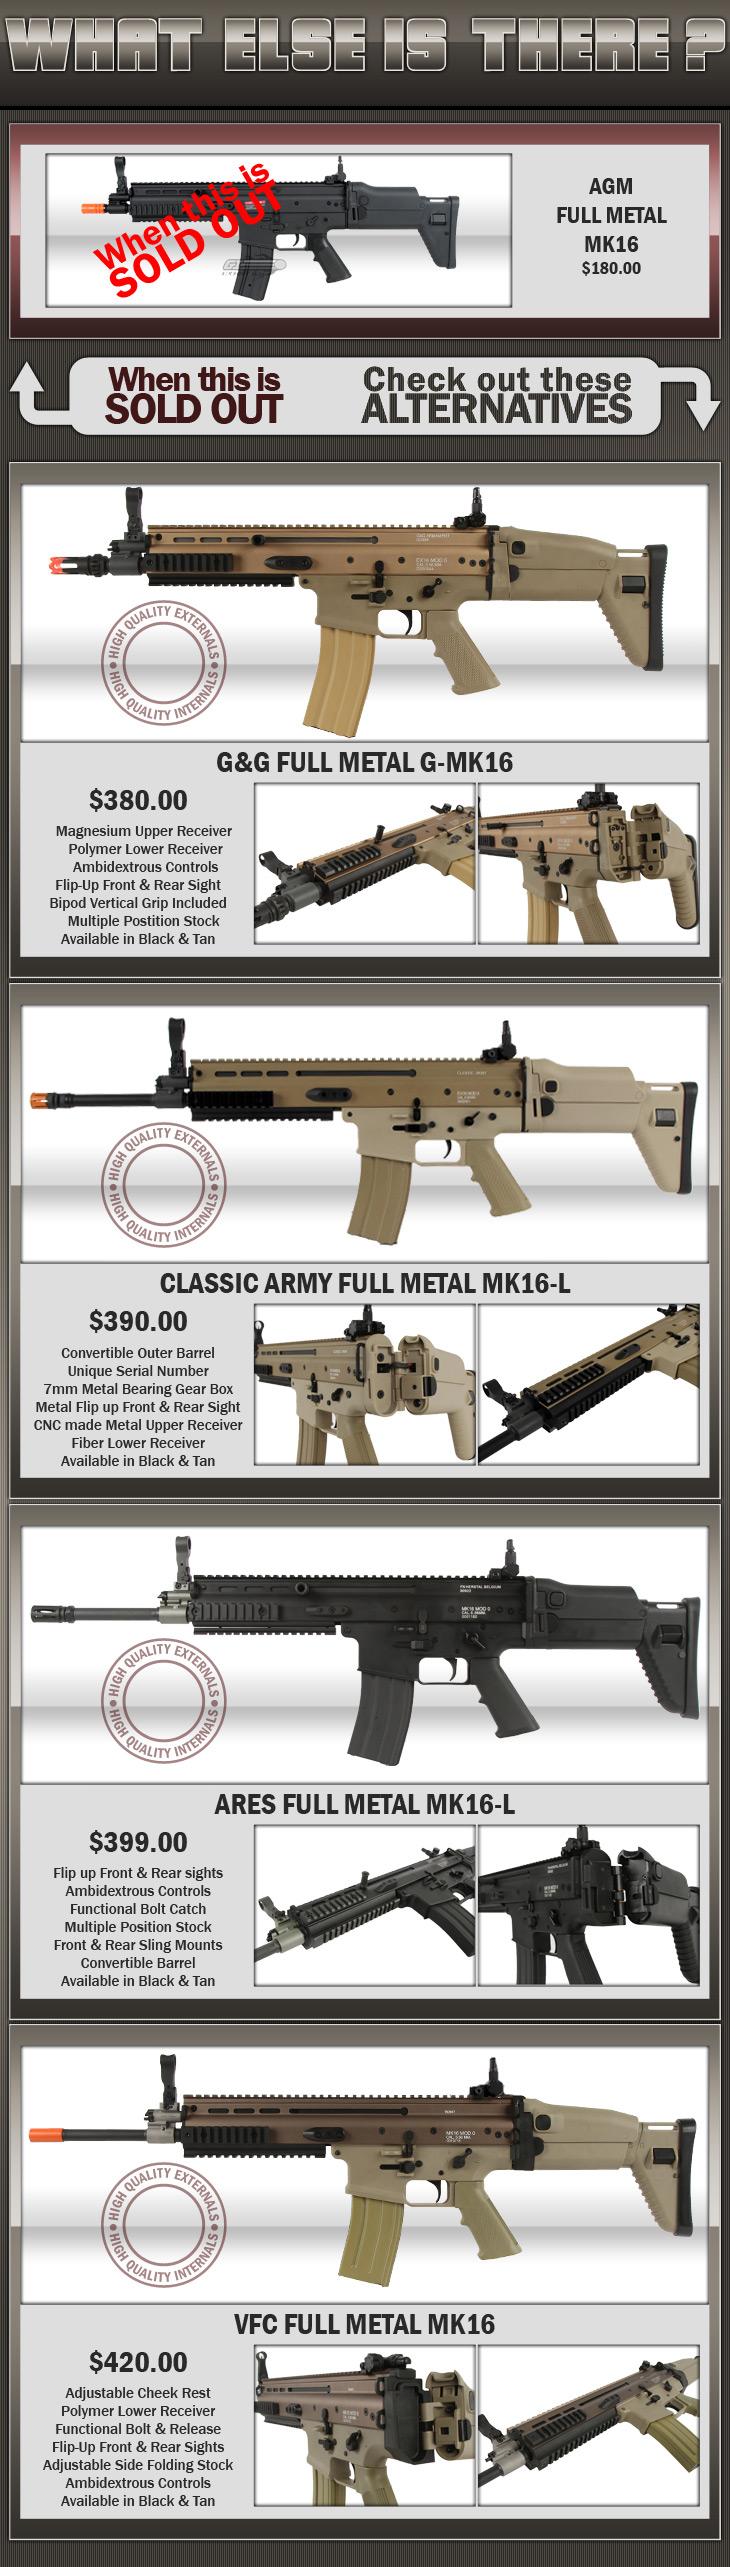 AGM Full Metal MK16